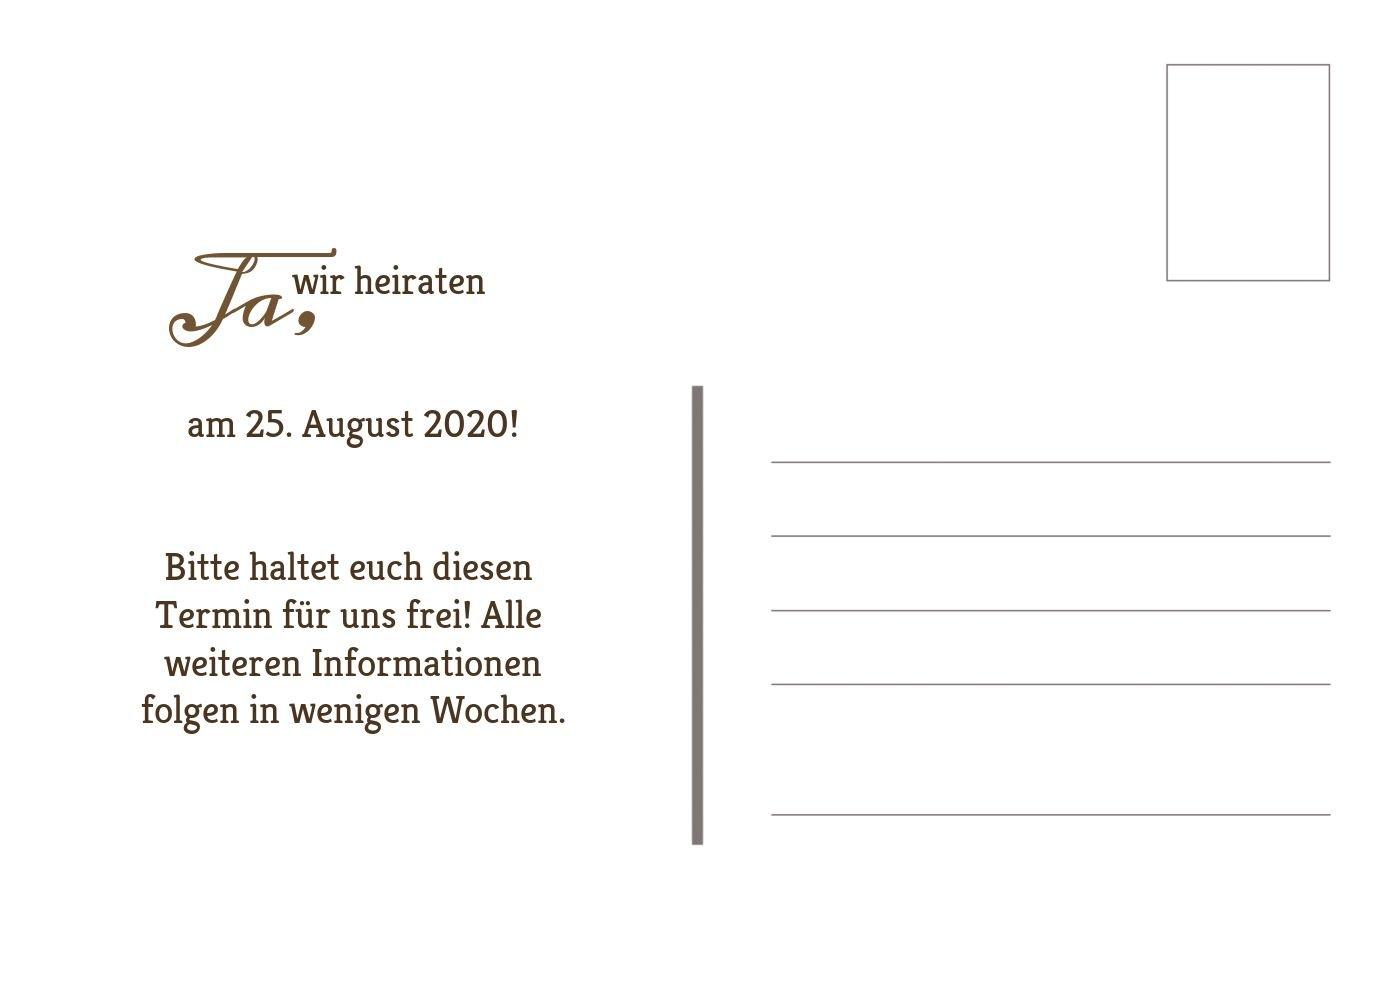 Save-the-Date München, 30 Karten, Rosa Rosa Rosa B07B6MSB2S | Guter Markt  | Spielzeugwelt, spielen Sie Ihre eigene Welt  | Moderner Modus  cf6c82